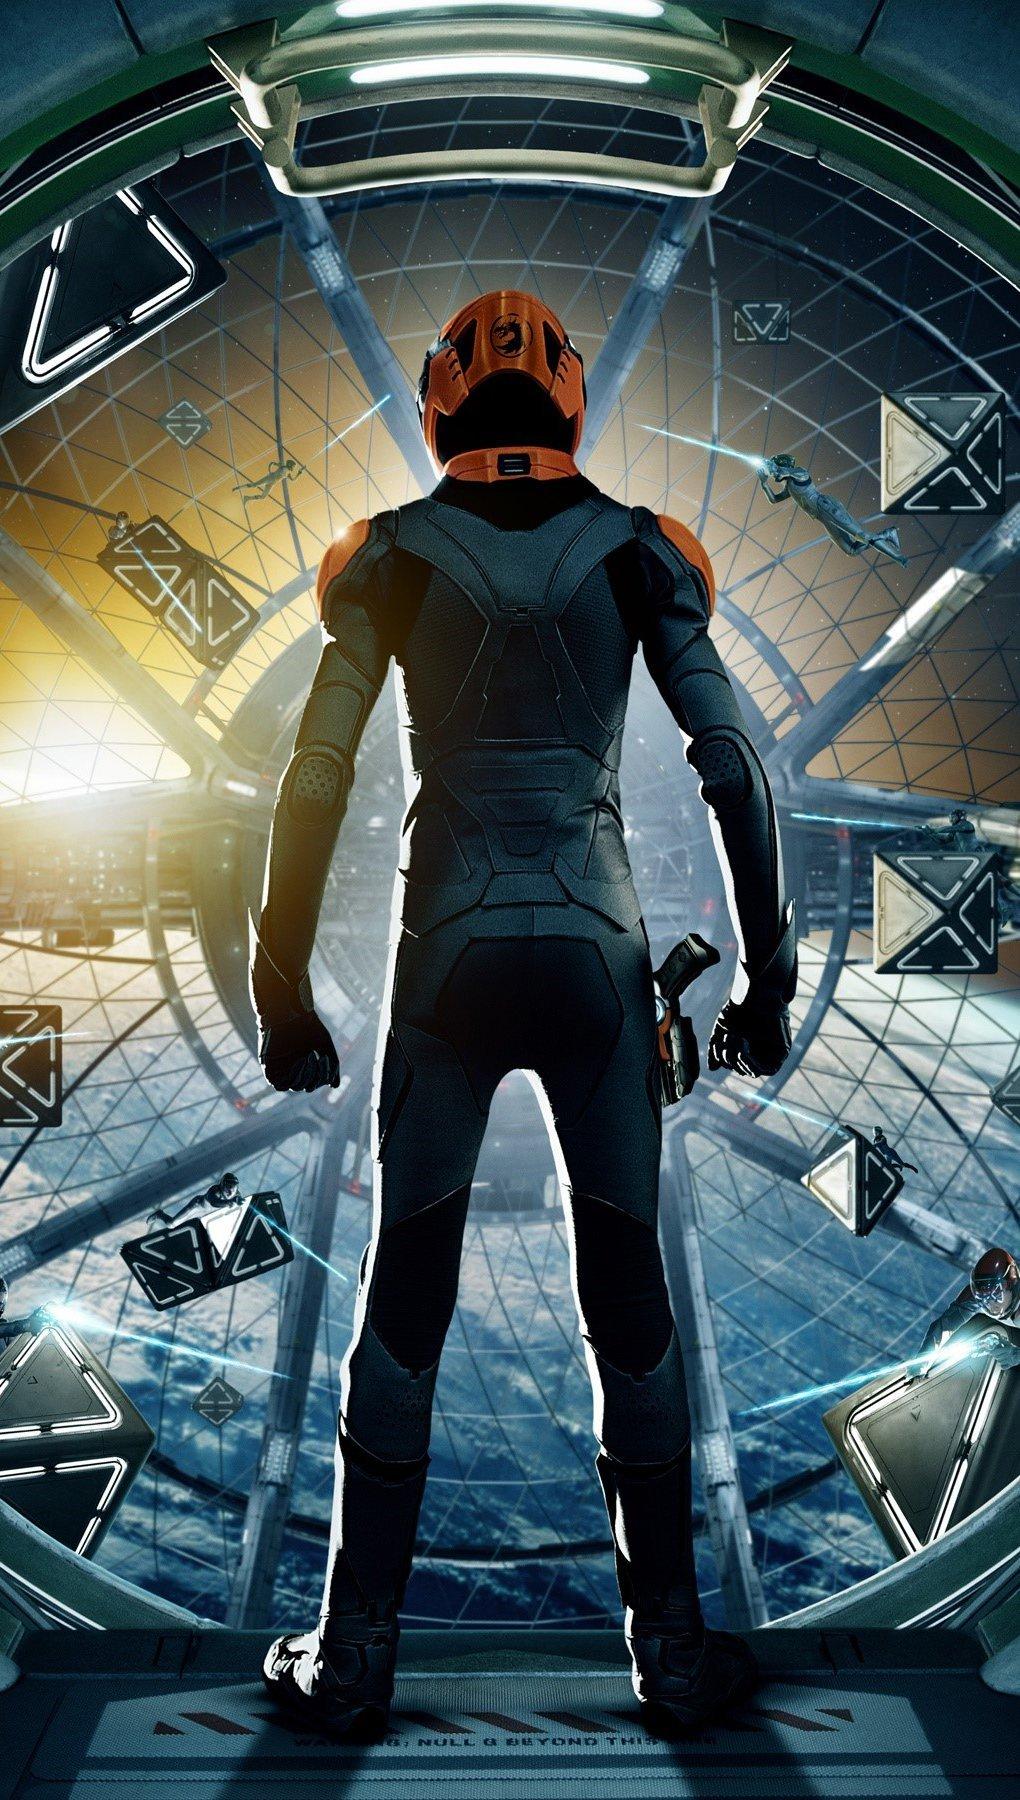 Fondos de pantalla Película Enders Game Vertical